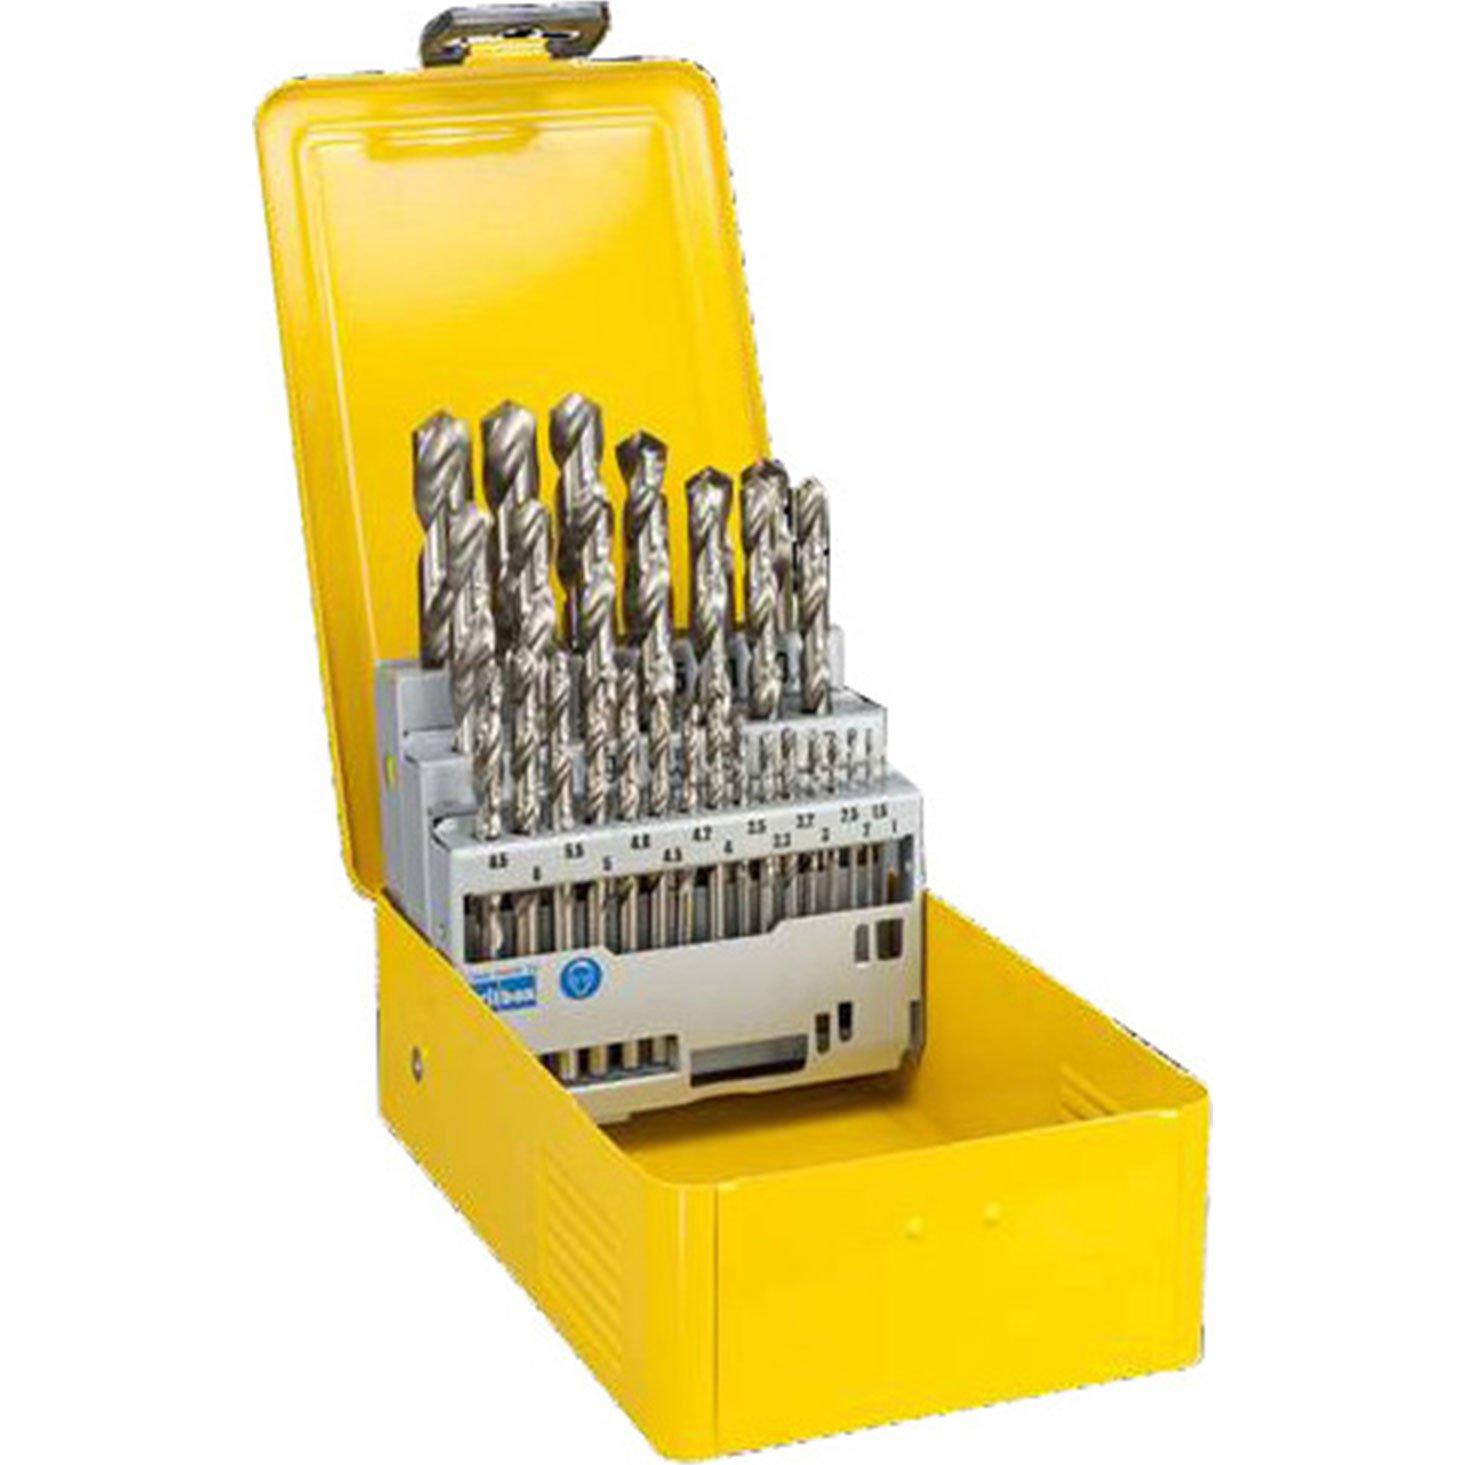 Preciso tarima DeWalt 29 piezas HSS-G brocas en estuche de Metal [himry Set] - garantía con 3 años rescu3®: Amazon.es: Bricolaje y herramientas